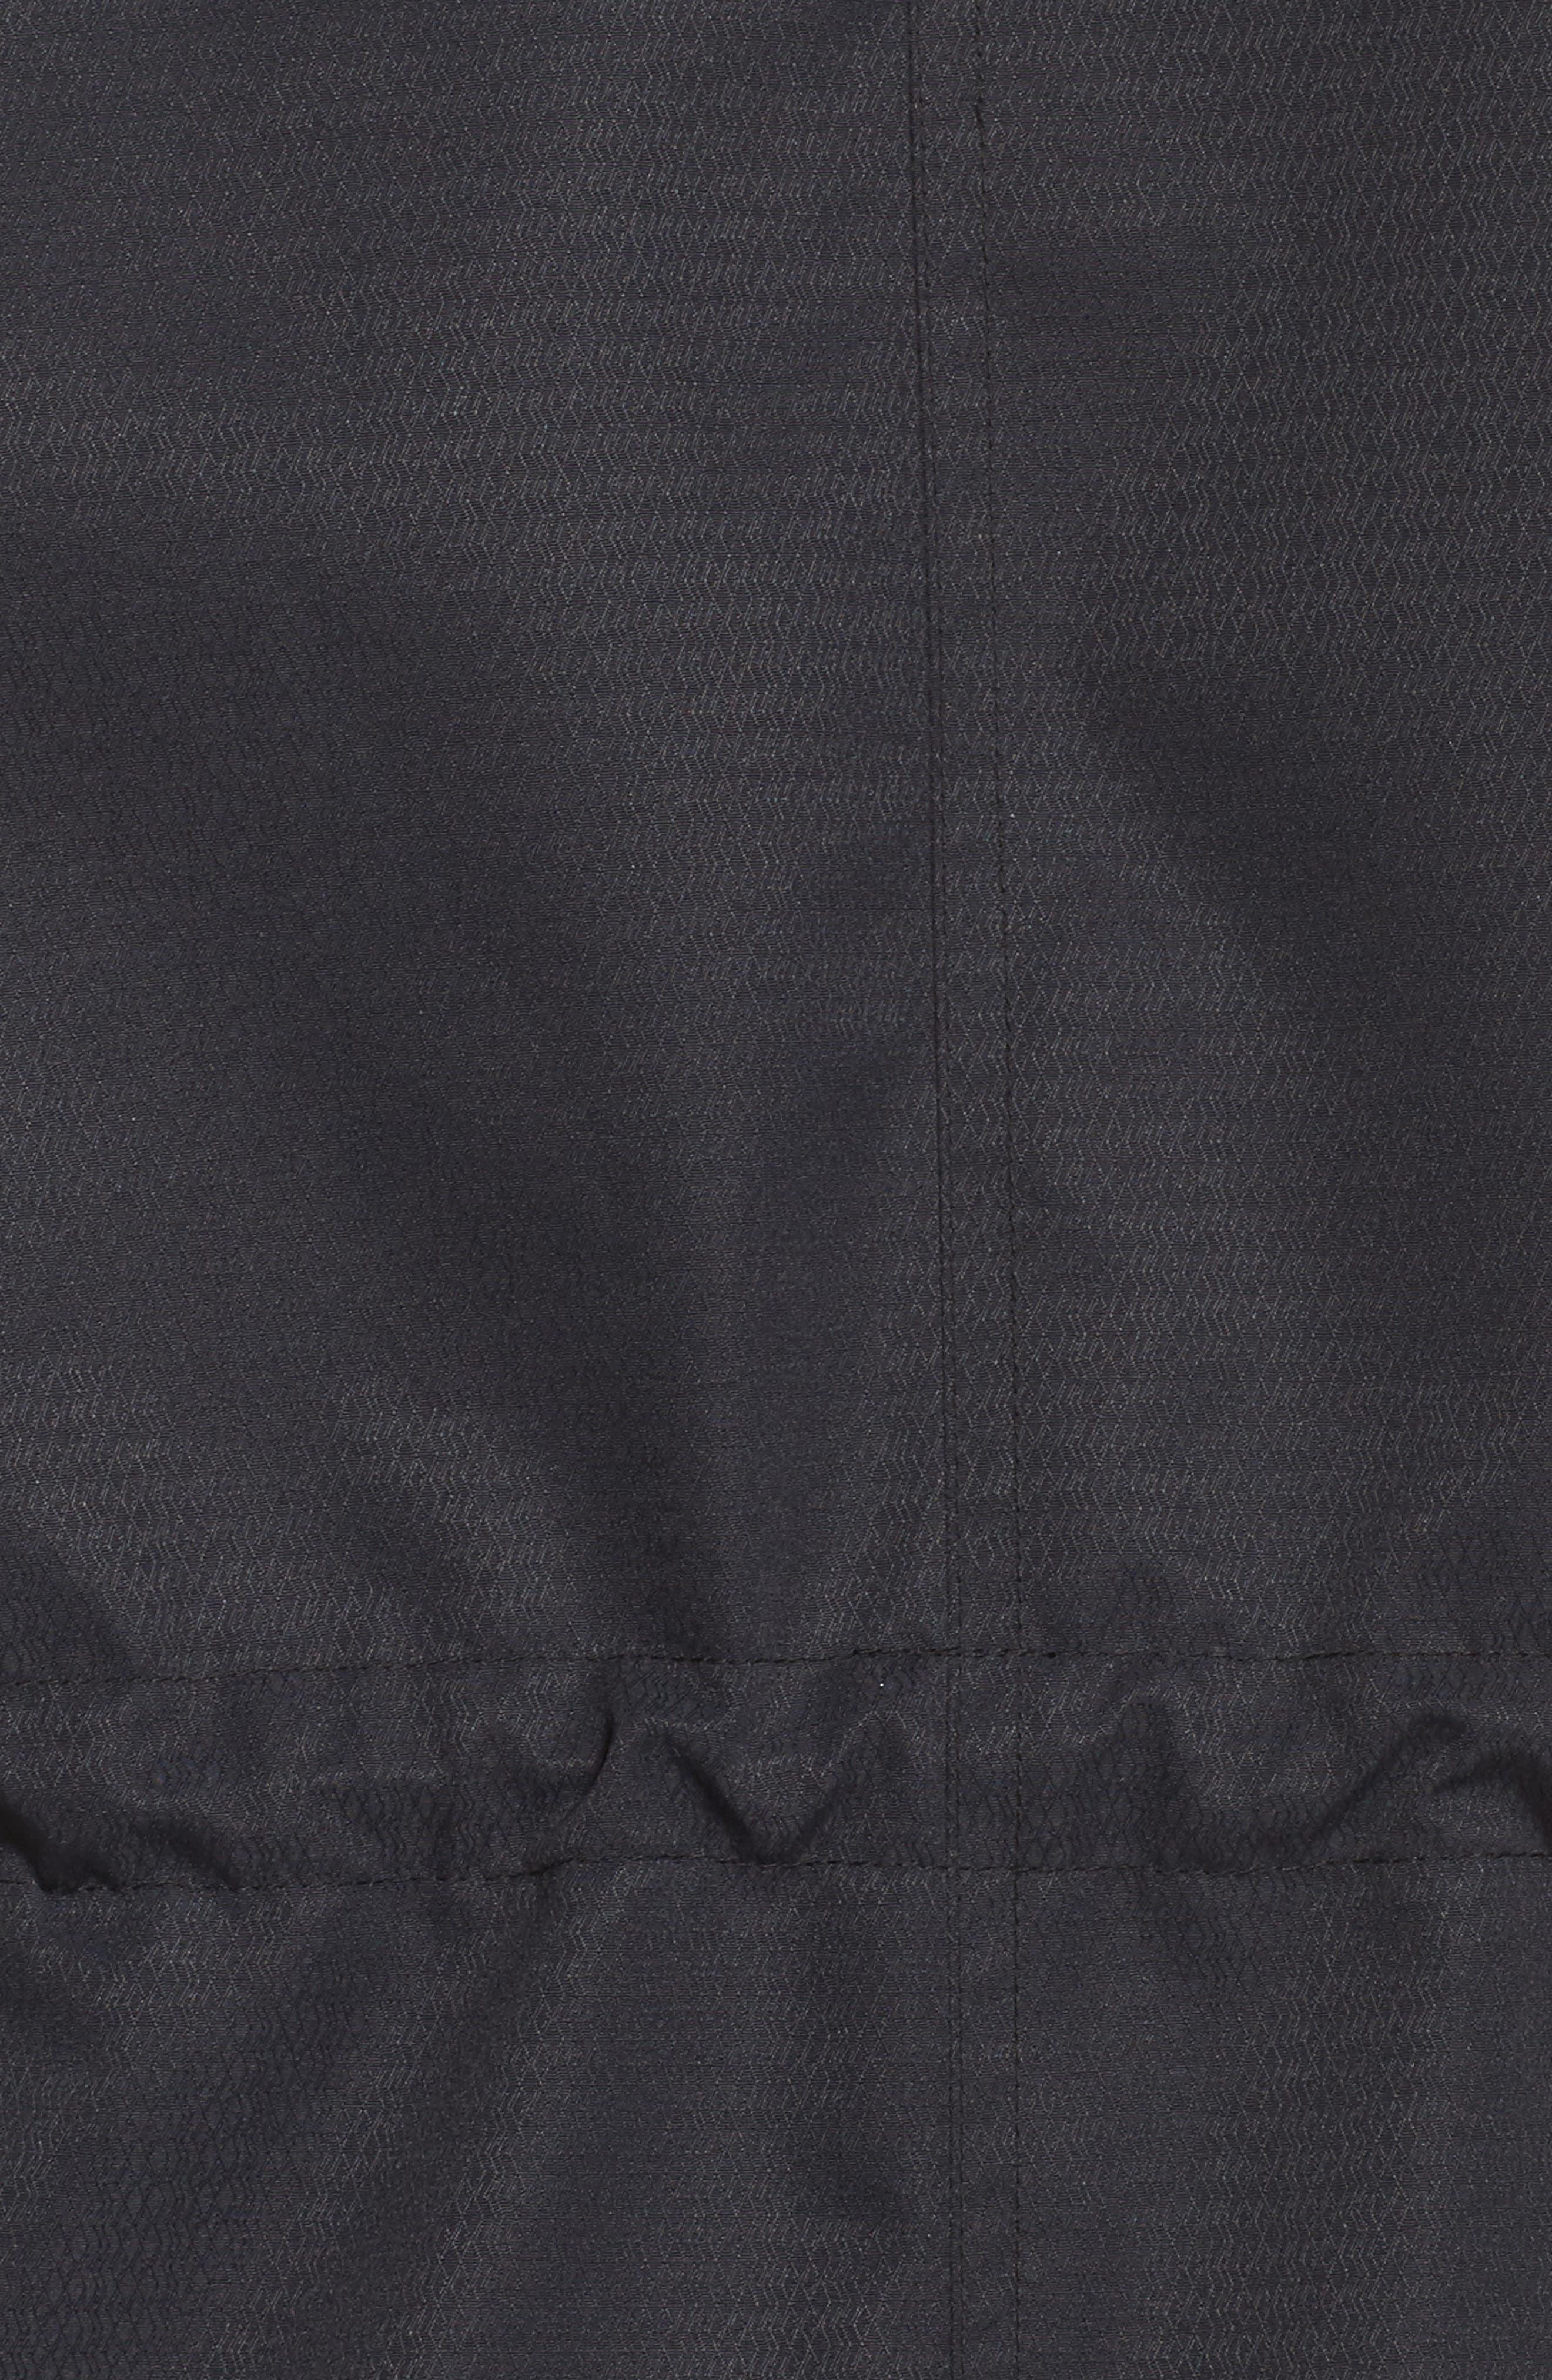 Sadie Waterproof Hooded Jacket,                             Alternate thumbnail 7, color,                             001